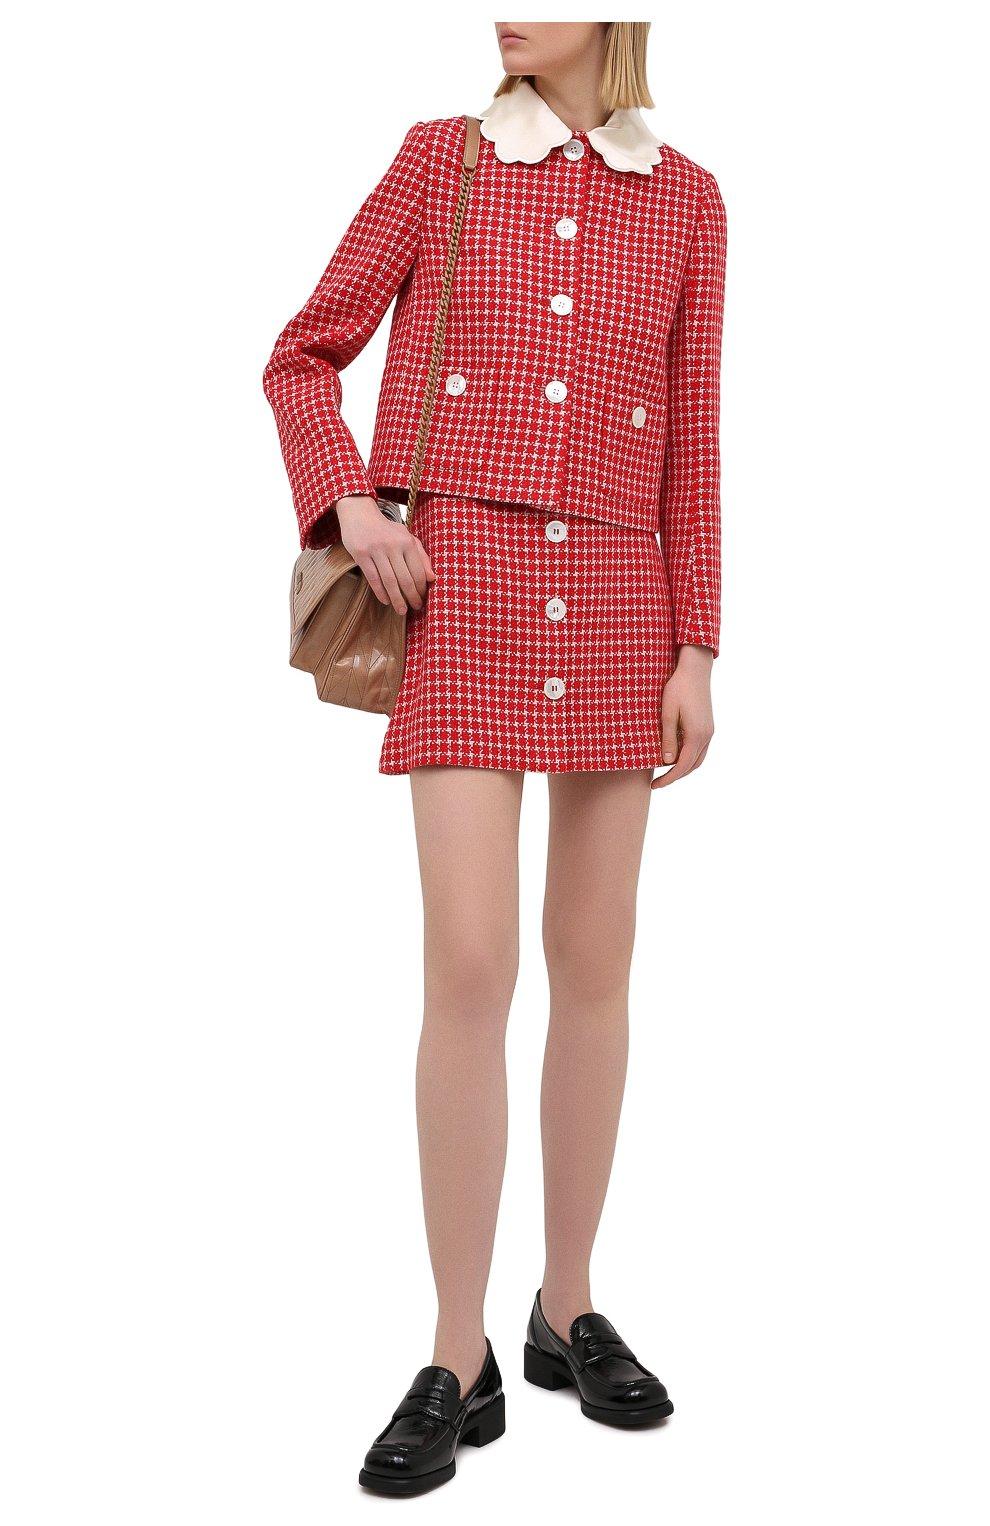 Женская юбка MIU MIU красного цвета, арт. MG1573-1V7V-F0011 | Фото 2 (Материал внешний: Шерсть, Синтетический материал; Длина Ж (юбки, платья, шорты): Мини; Женское Кросс-КТ: Юбка-одежда; Стили: Кэжуэл)